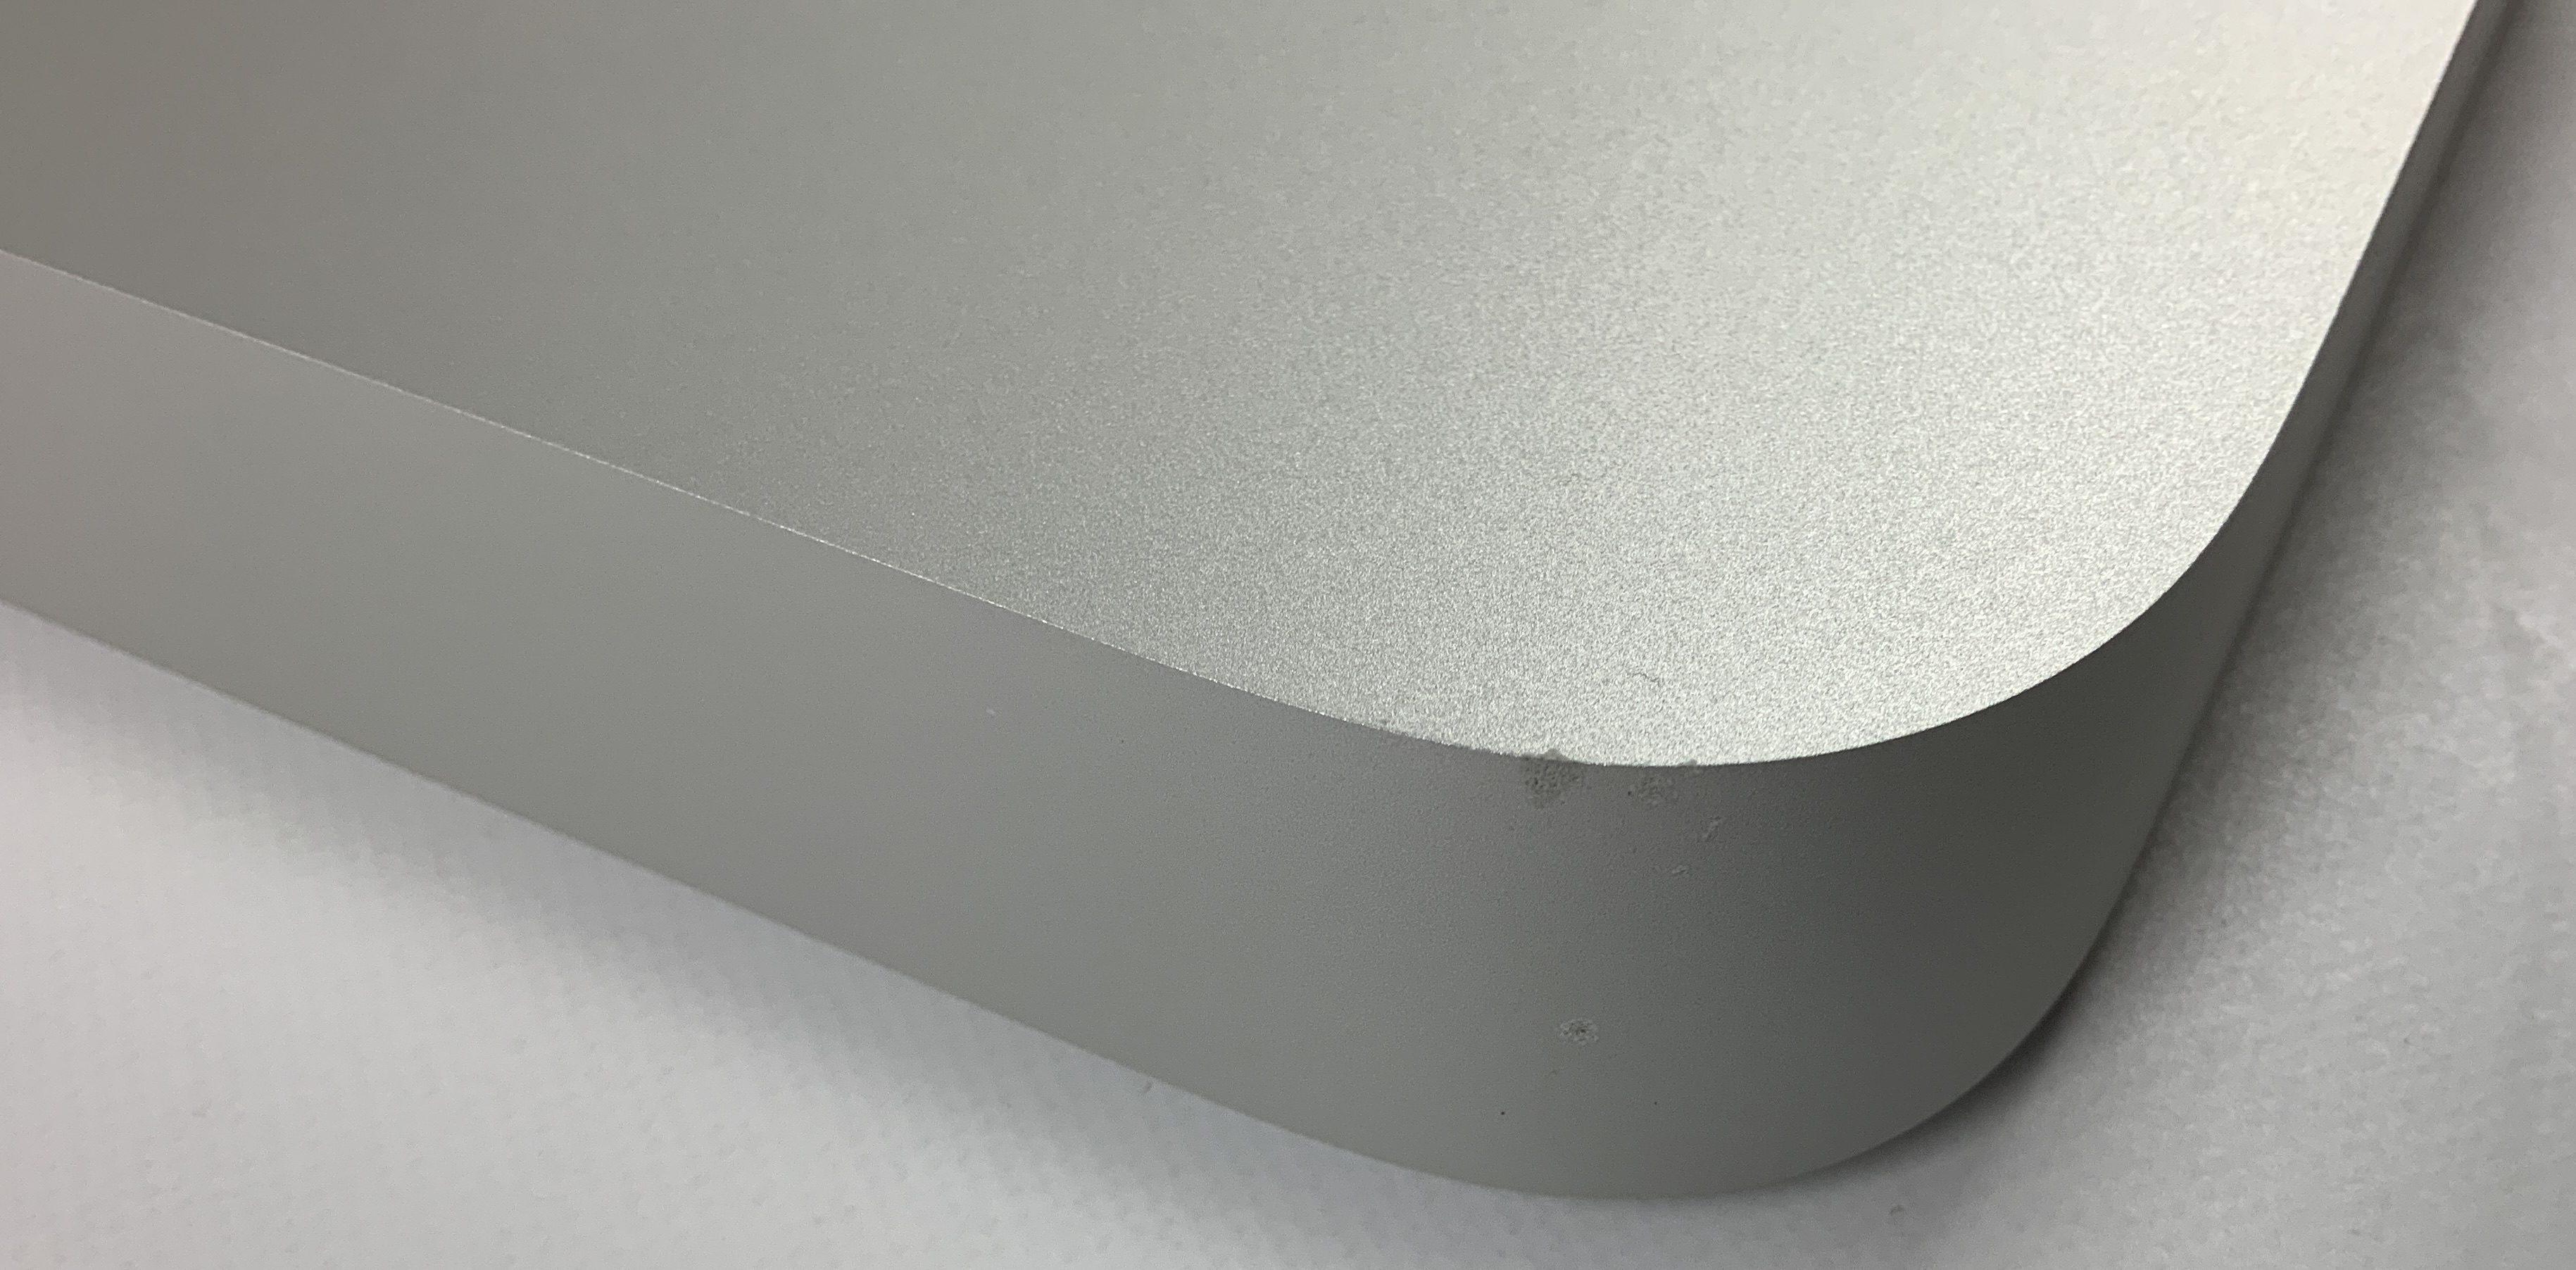 Mac Mini Late 2014 (Intel Core i5 2.6 GHz 8 GB RAM 1 TB HDD), Intel Core i5 2.6 GHz, 8 GB RAM, 1 TB HDD, Afbeelding 4